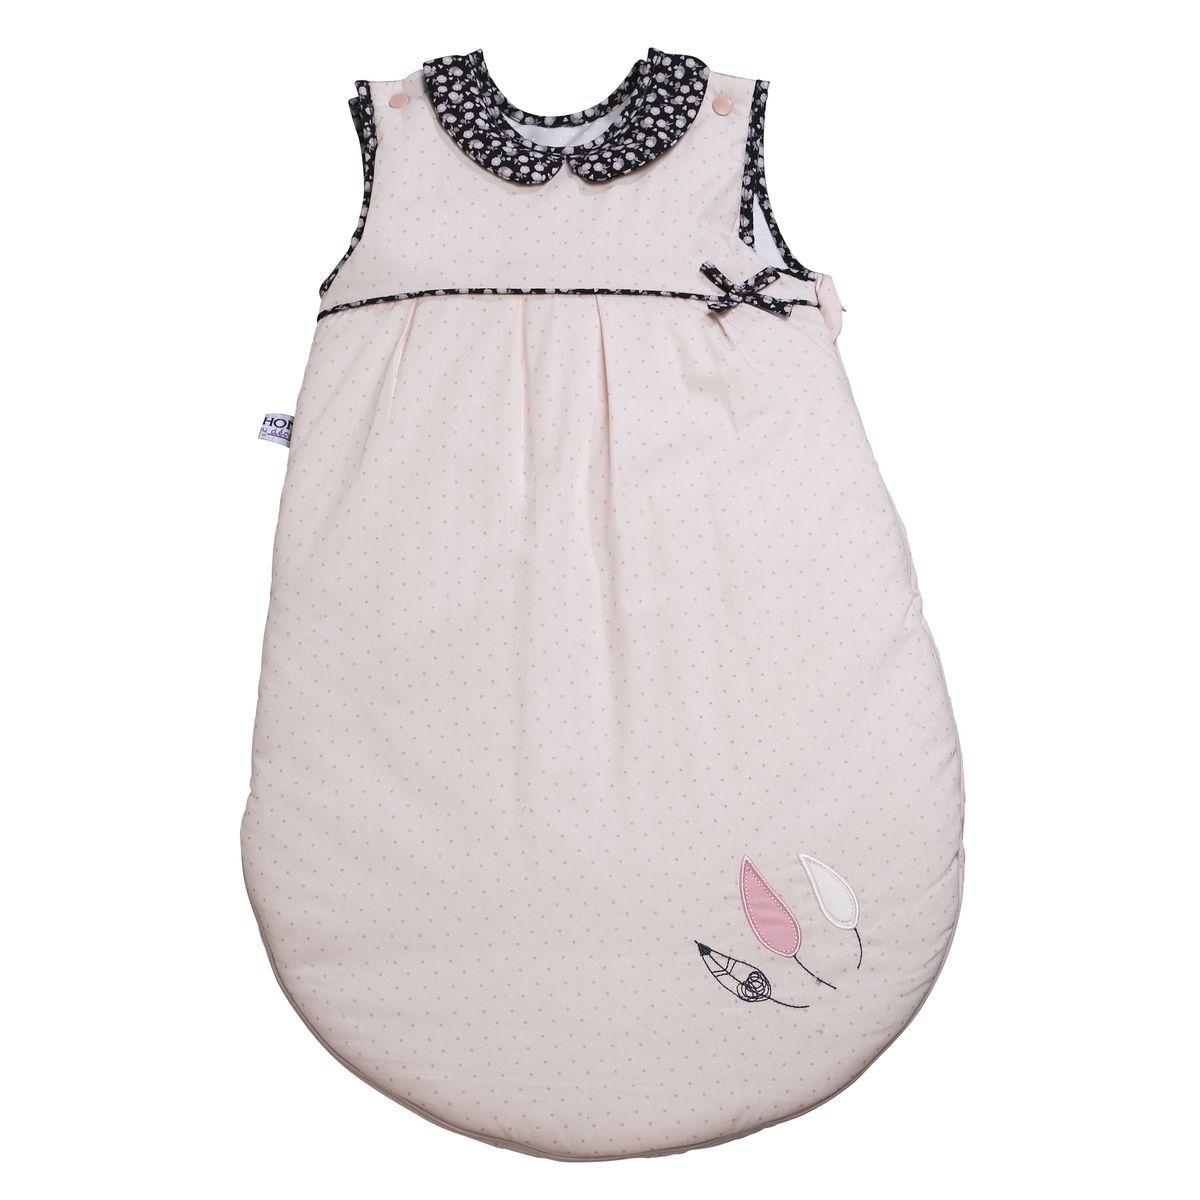 Sauthon Baby Déco Gigoteuse chaude Miss Fleur de Lune ROSE Sauthon Baby Déco